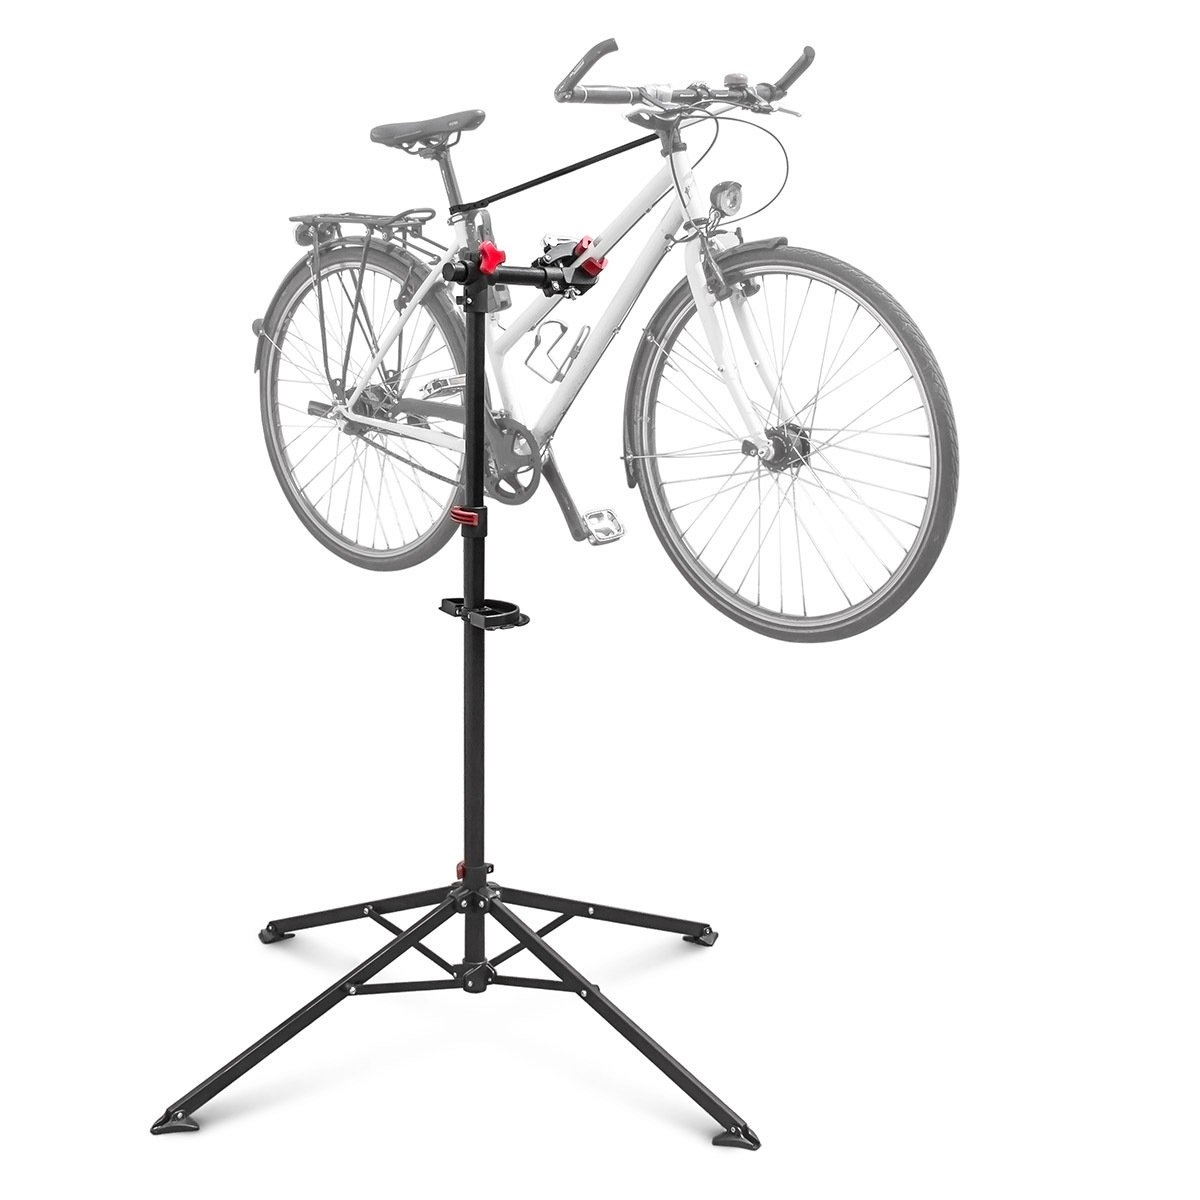 Am besten bewertete Produkte in der Kategorie Fahrradständer - Amazon.de